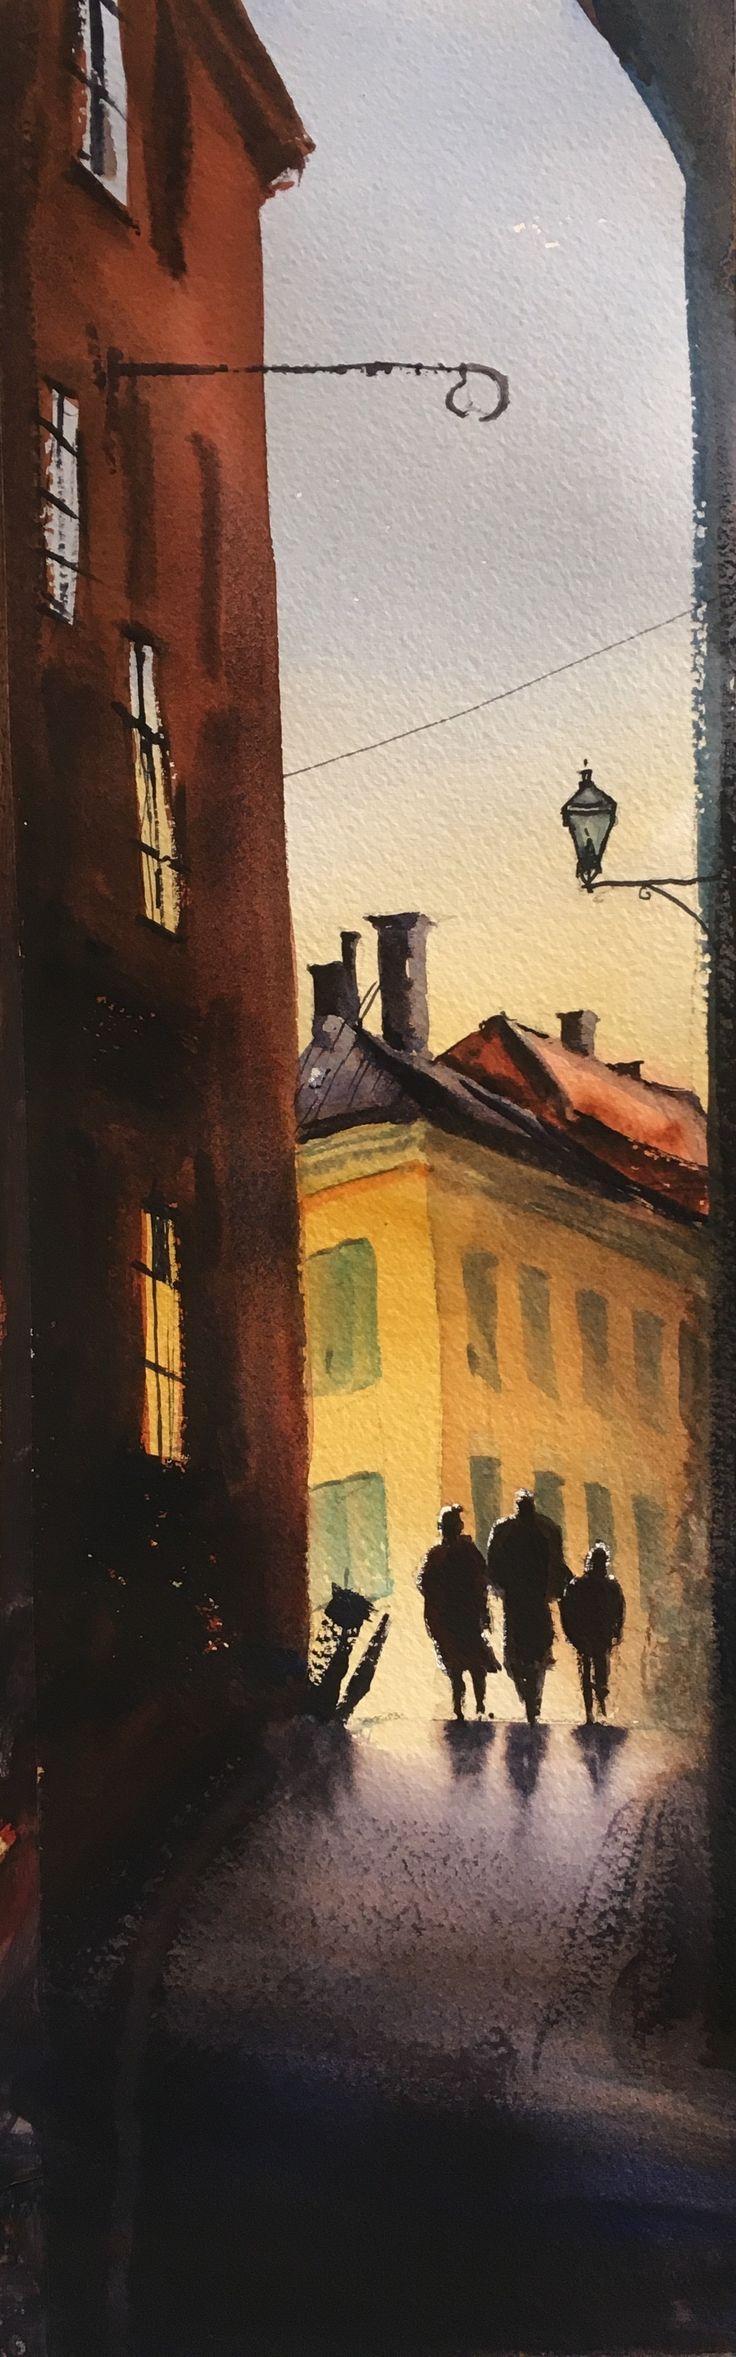 Prästgatan, 2017, akvarell av Stefan Gadnell. SOLD